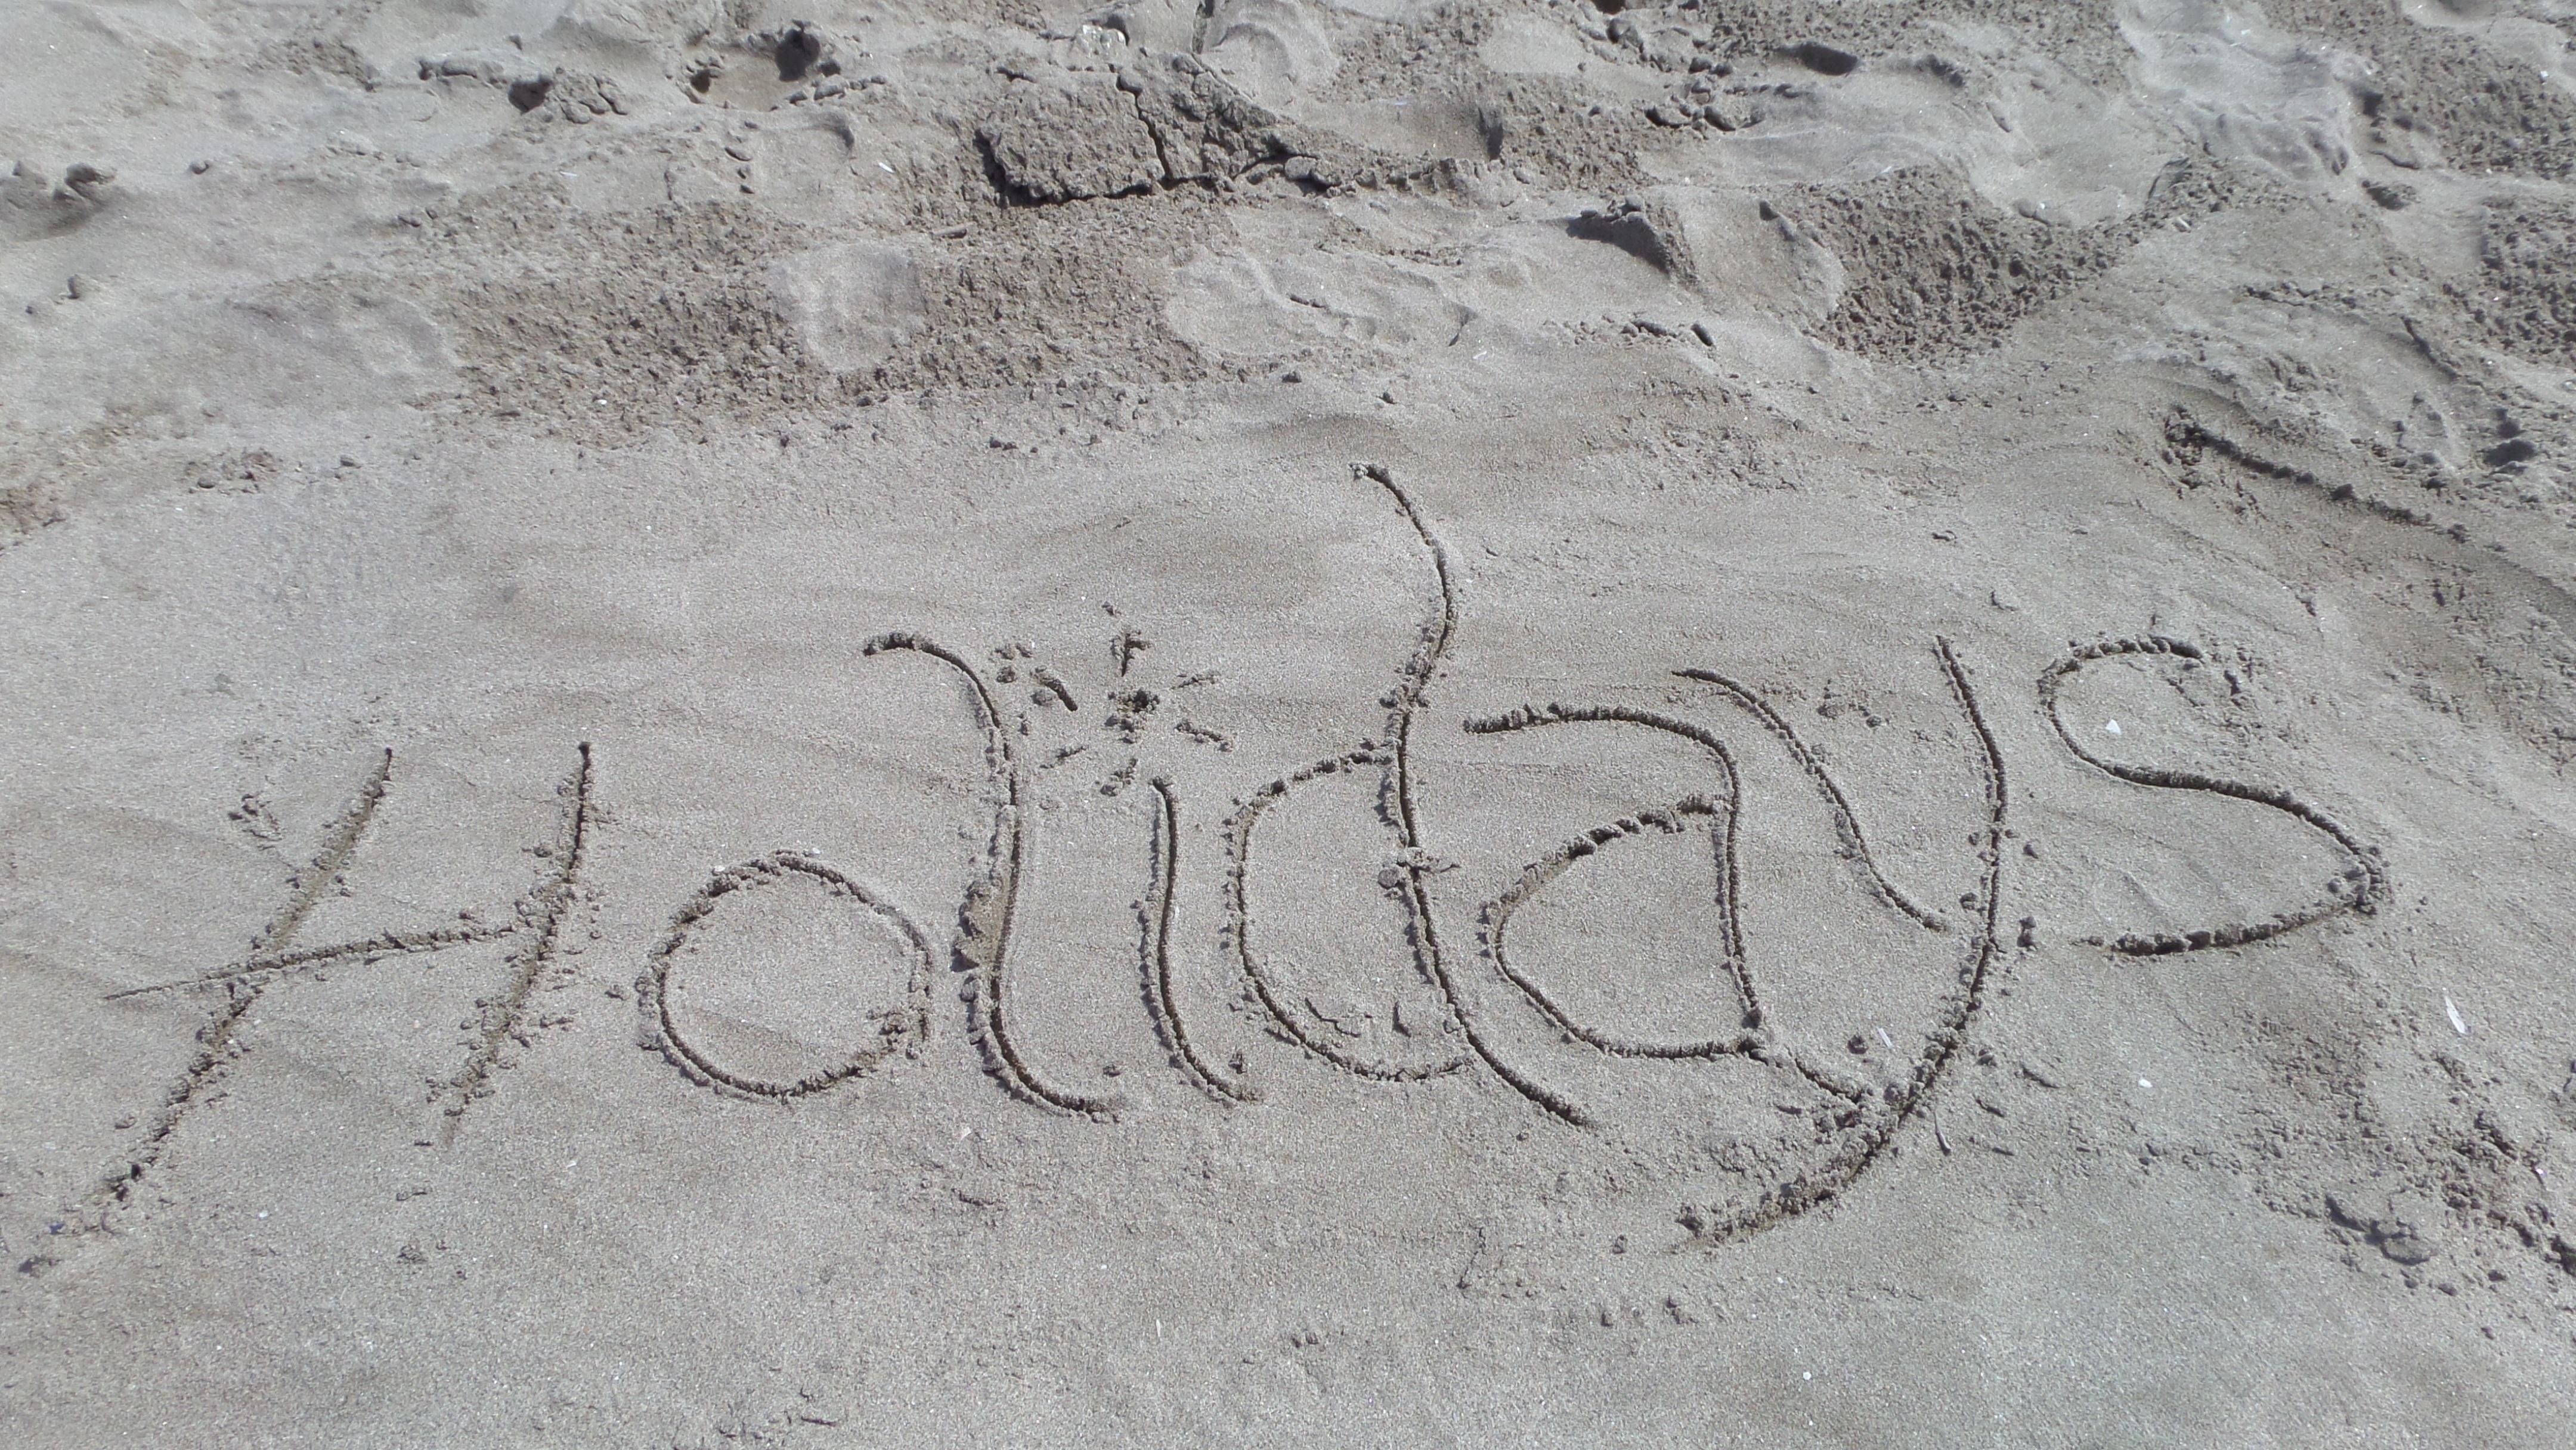 картинки с именем диана на песке занимающийся созданием